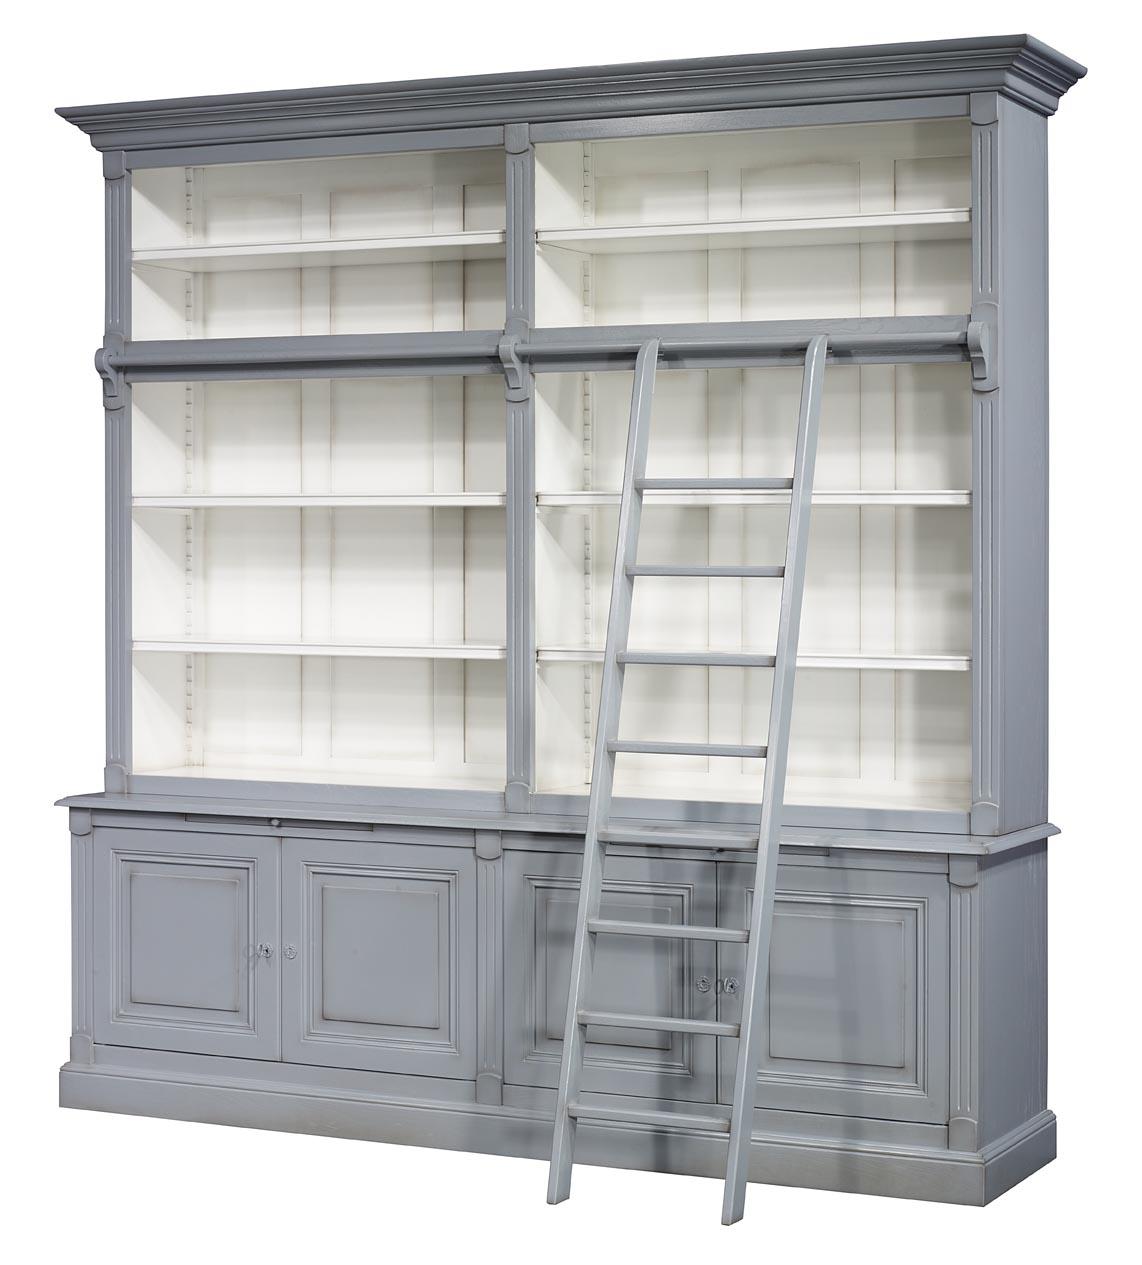 Biblioth que 2 corps 4 portes anne sophie en merisier - Meuble bibliotheque avec echelle ...